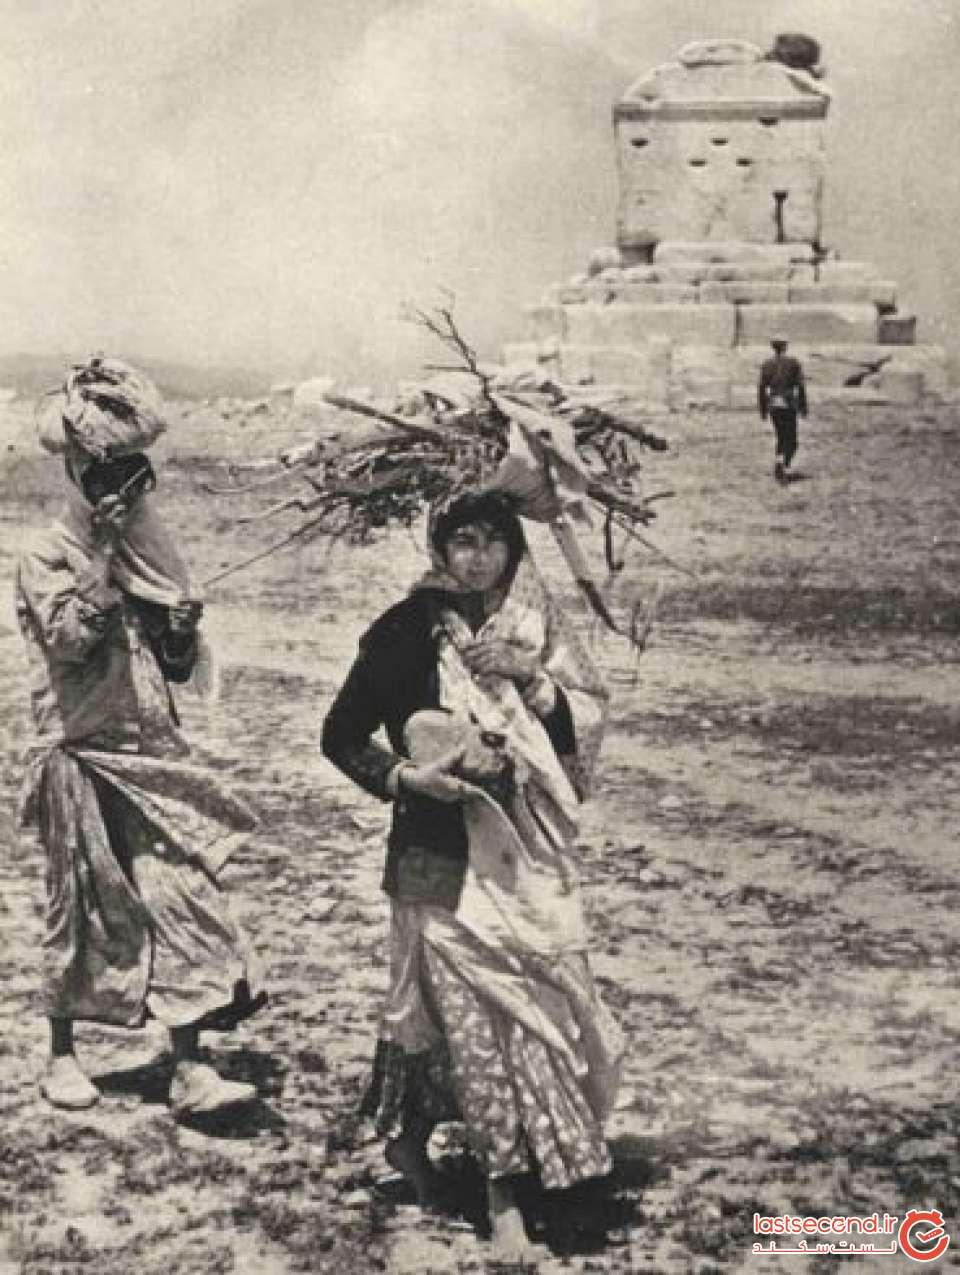 آرامگاه کوروش در زمان قاجار